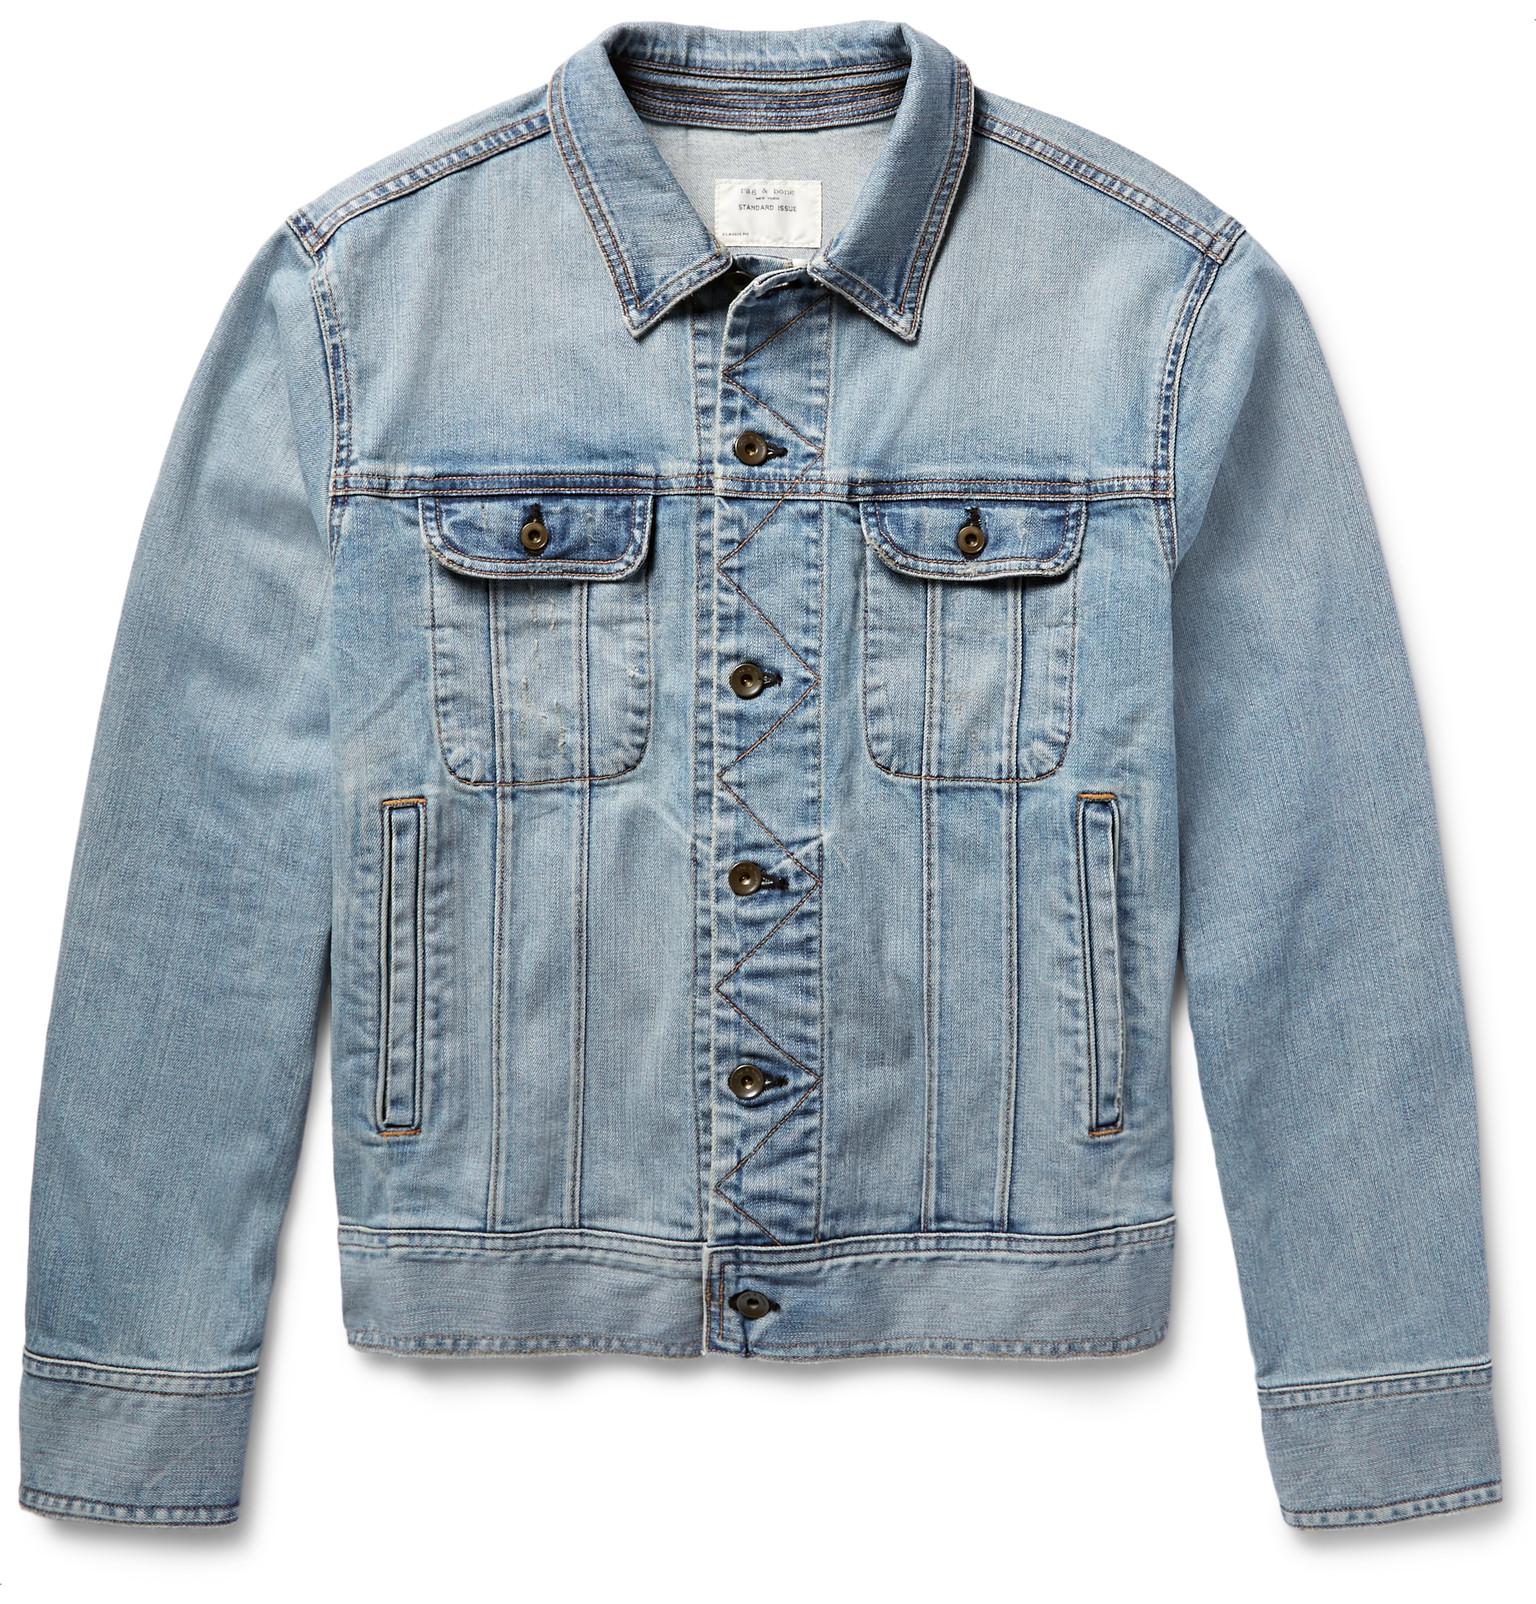 Men's Designer Denim Jackets - Shop Men's Fashion Online at MR PORTER